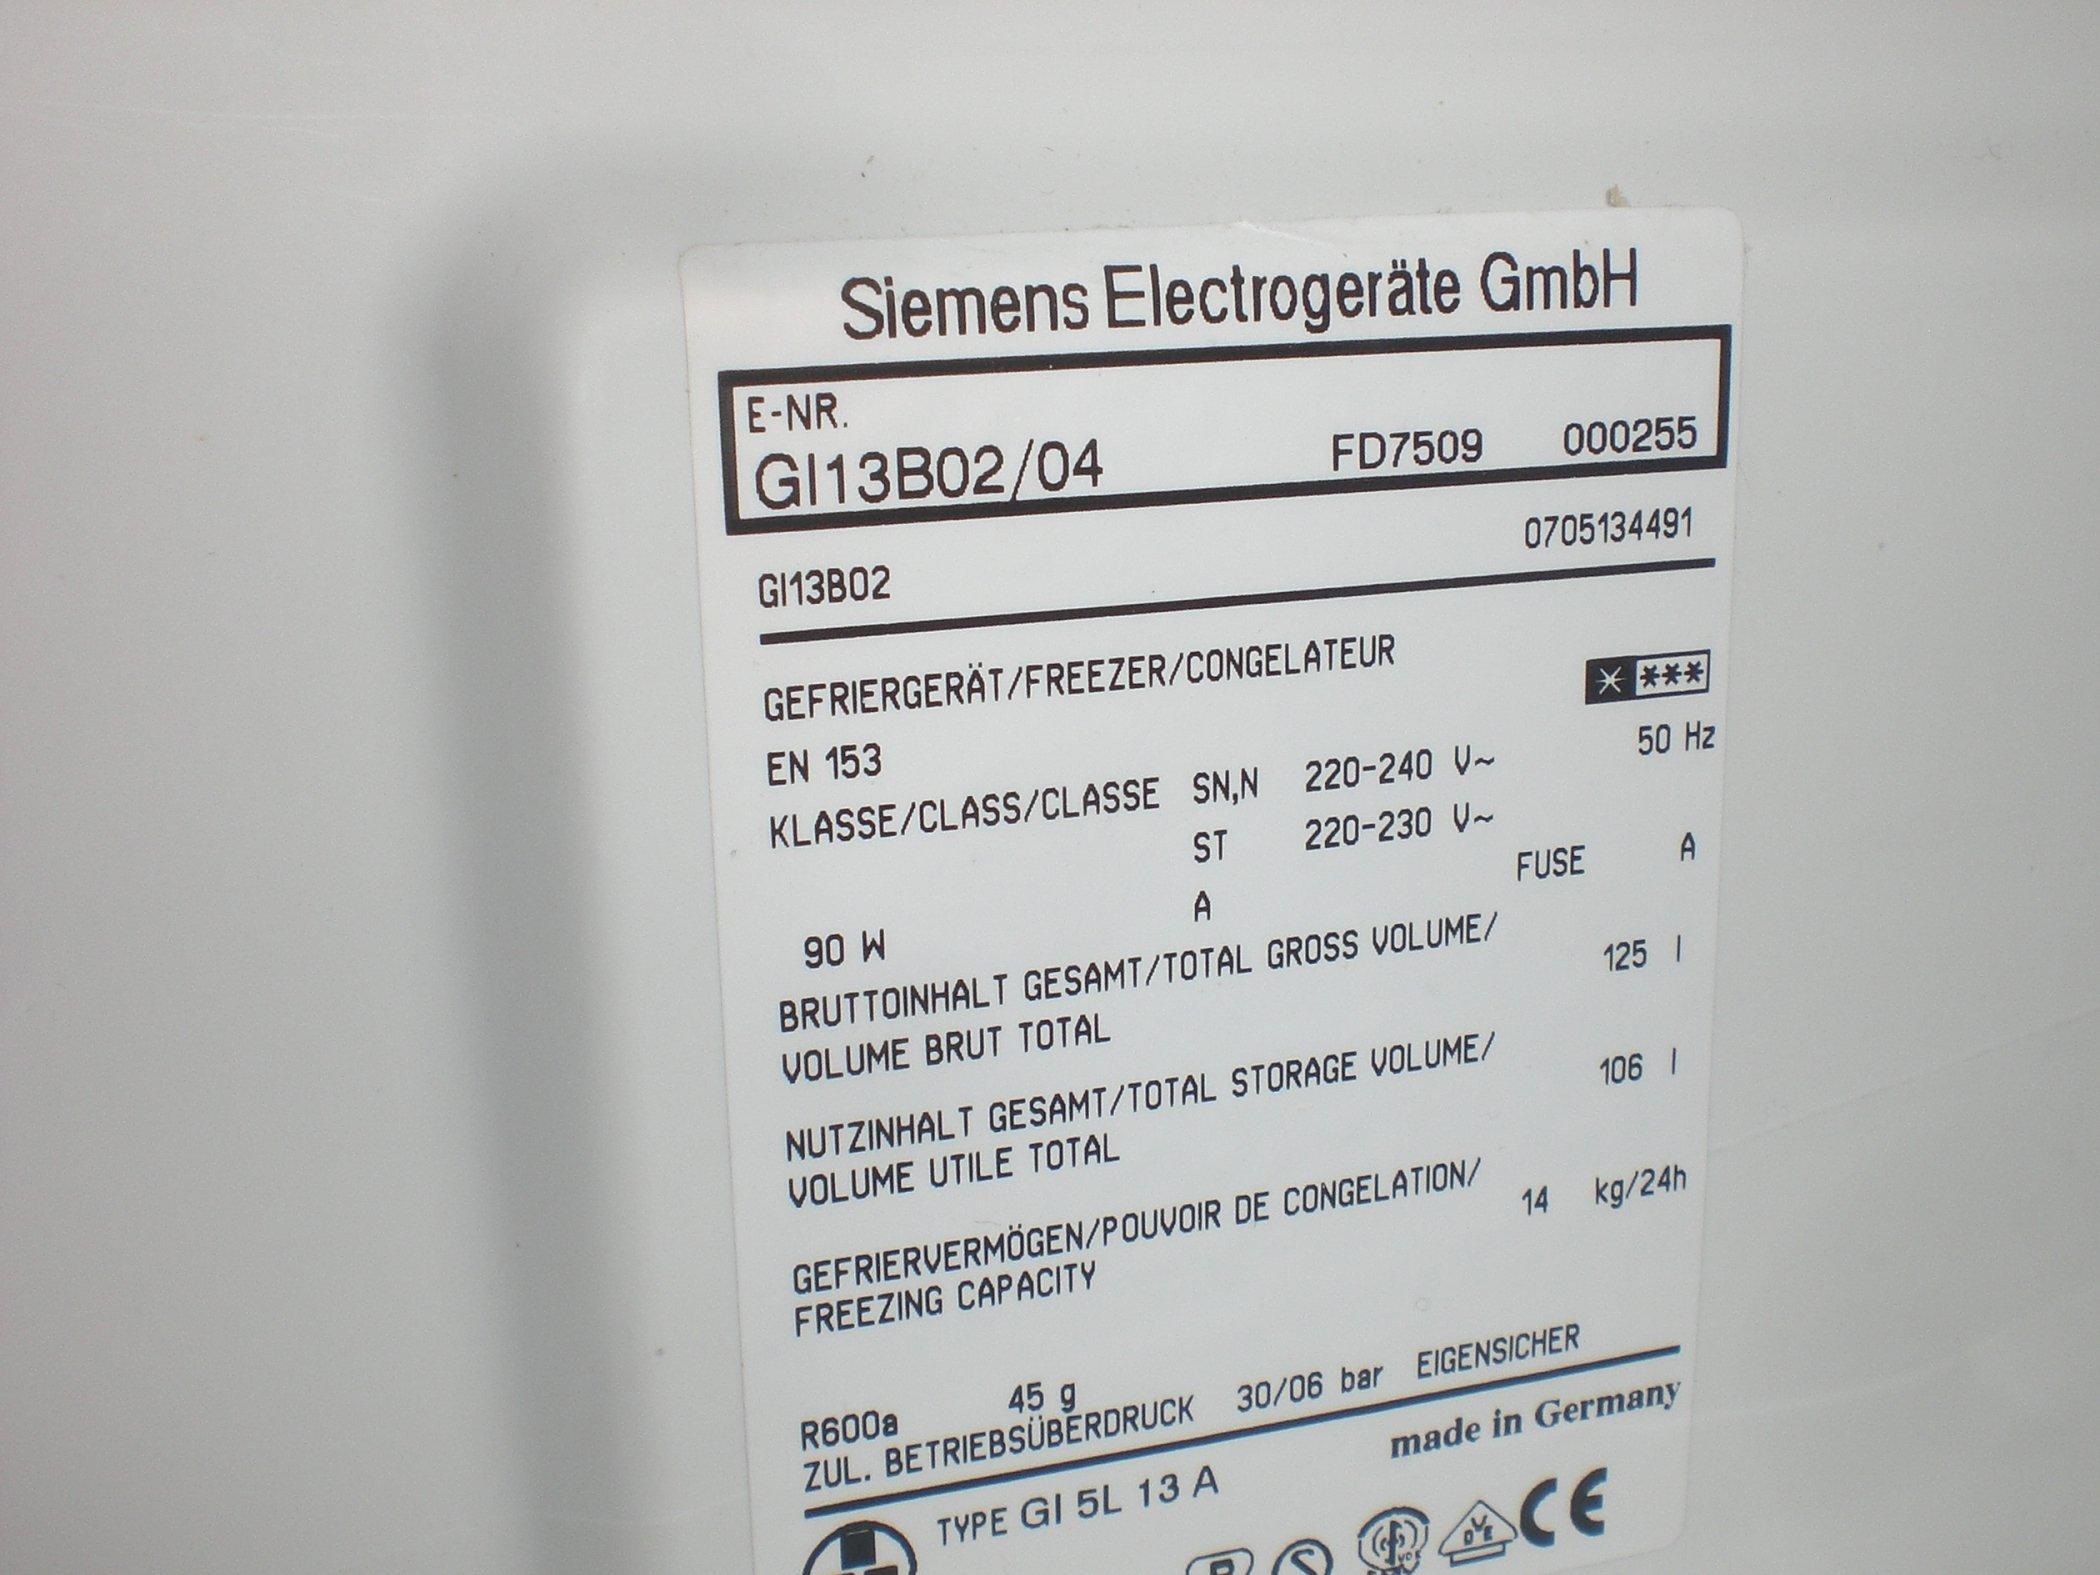 Bosch Kühlschrank Abtauen Knopf : Siemens kühlschrank abtauen knopf u eine weitere bildergalerie für